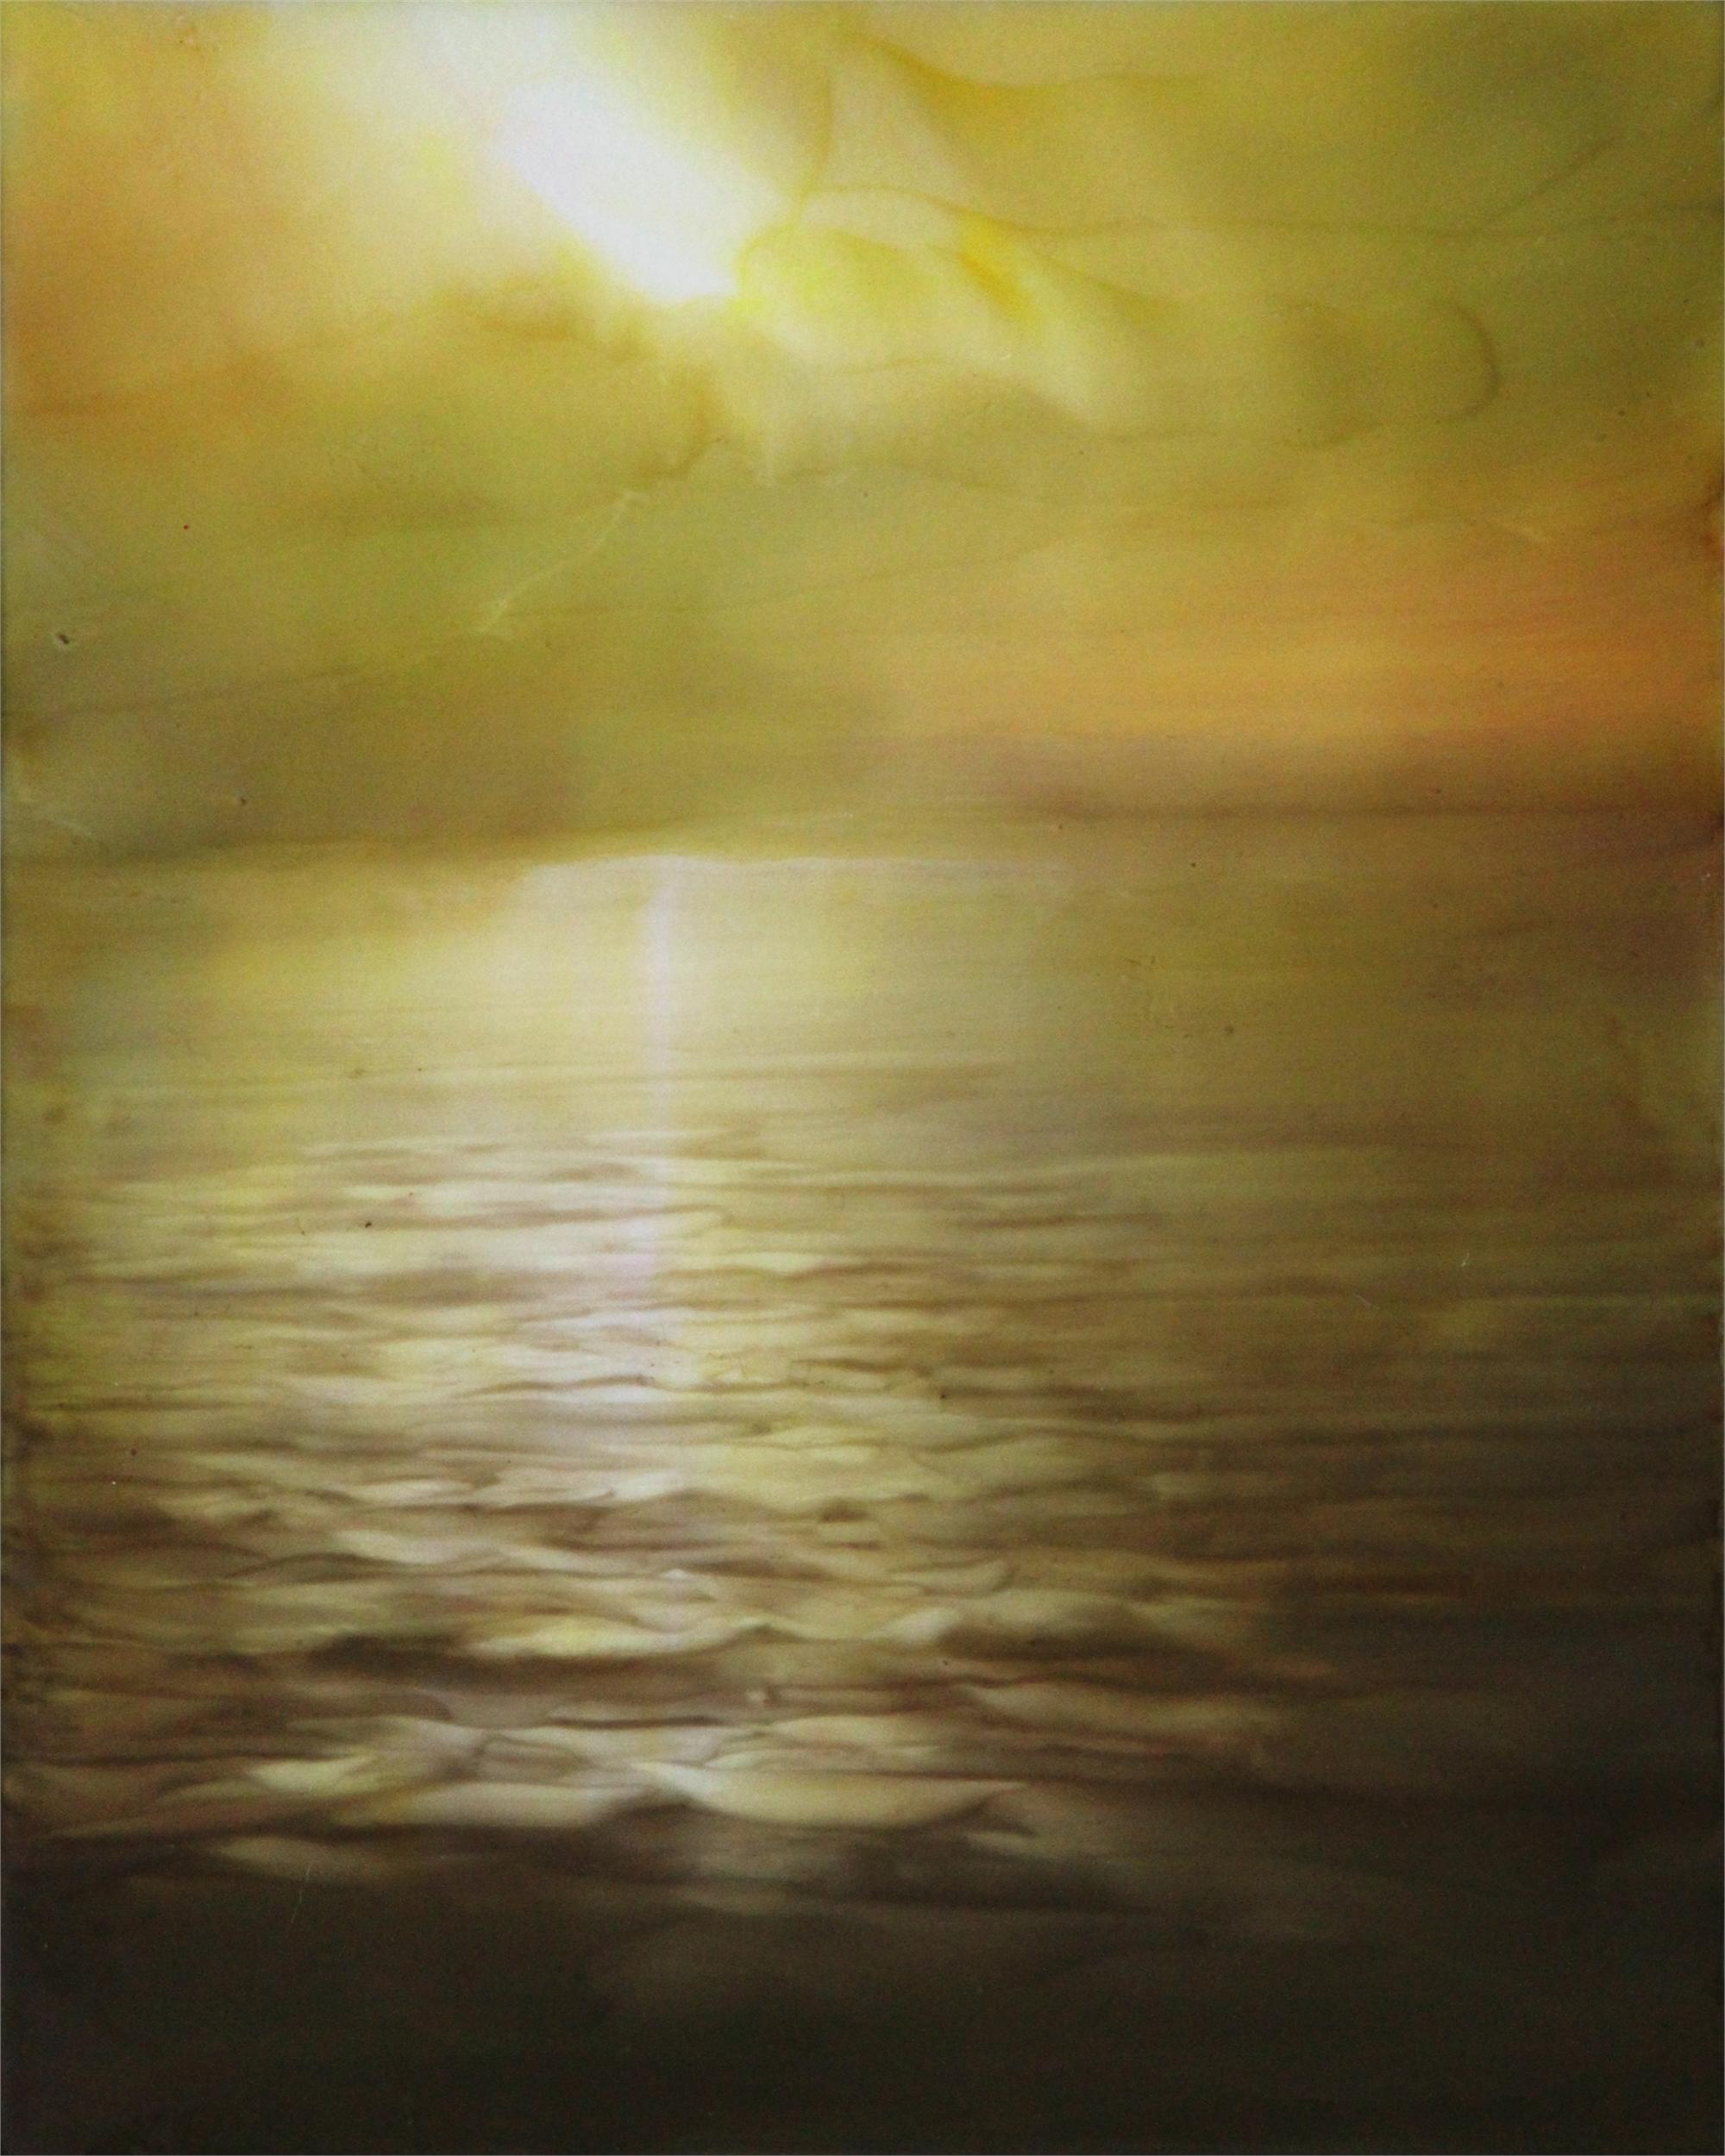 Golden Mist by Brian Sostrom